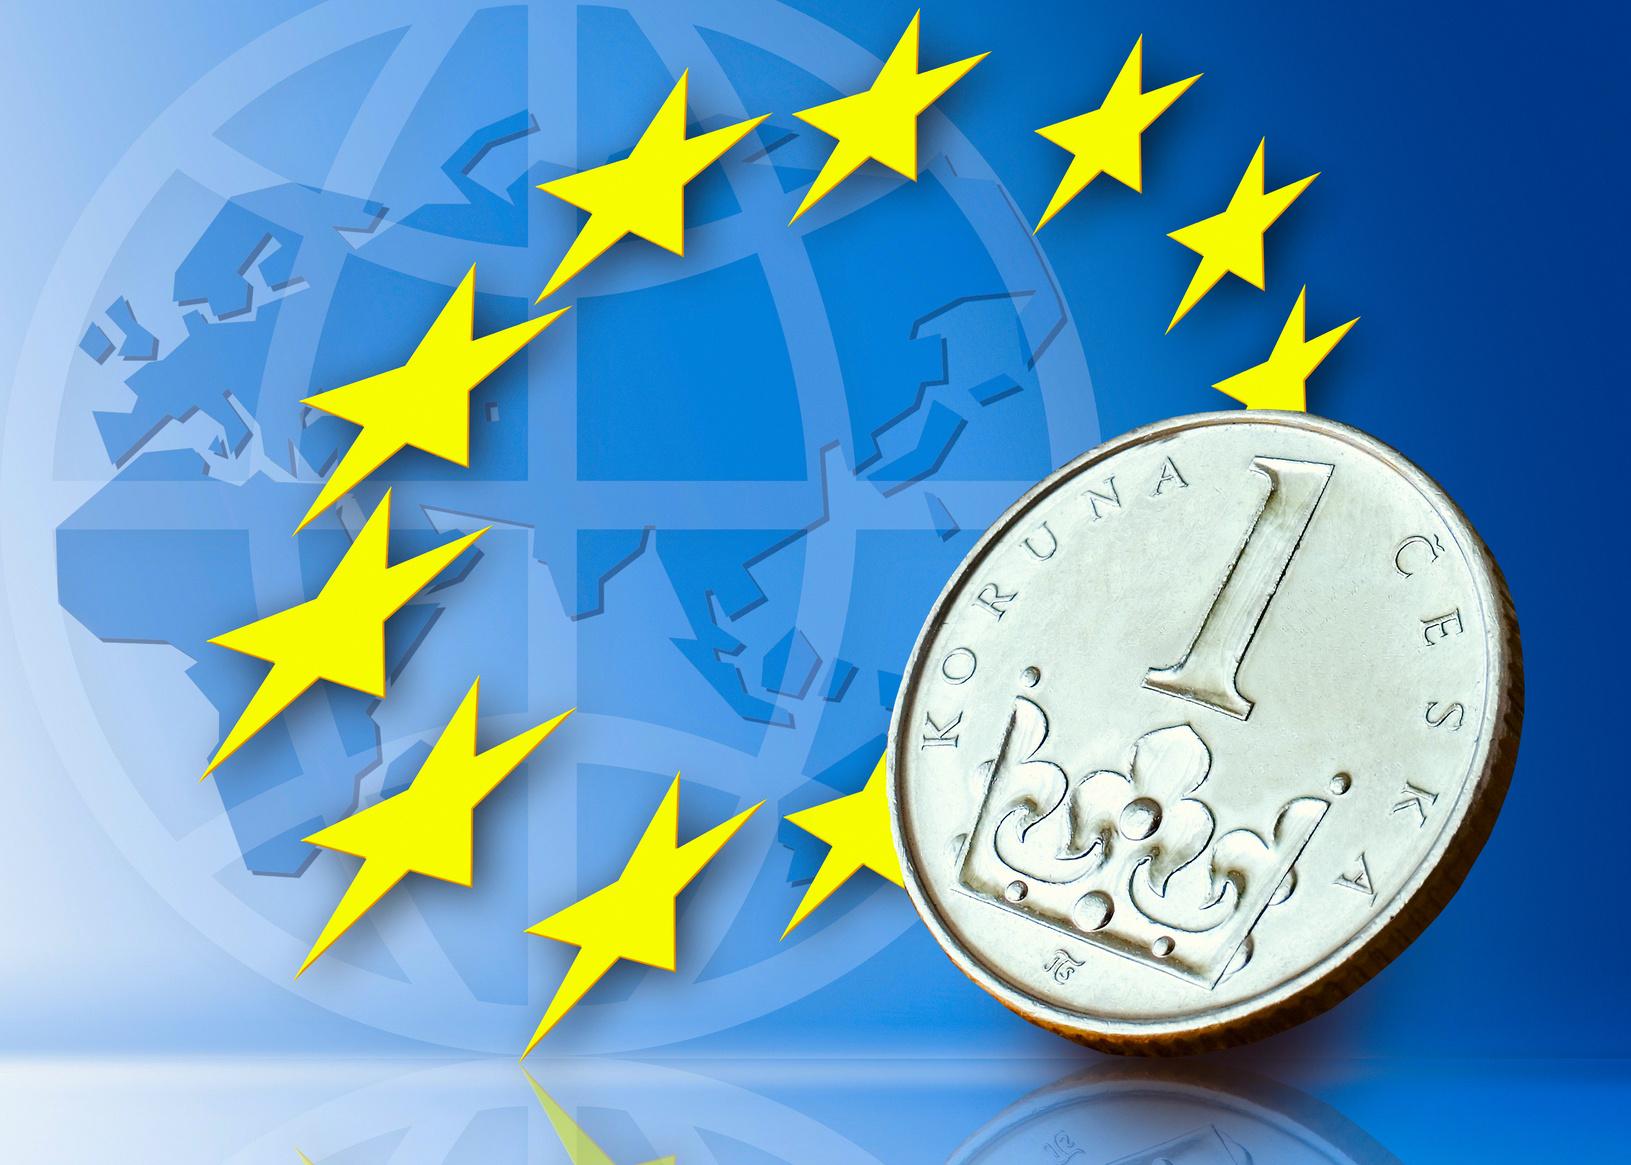 200 tschechische kronen in euro